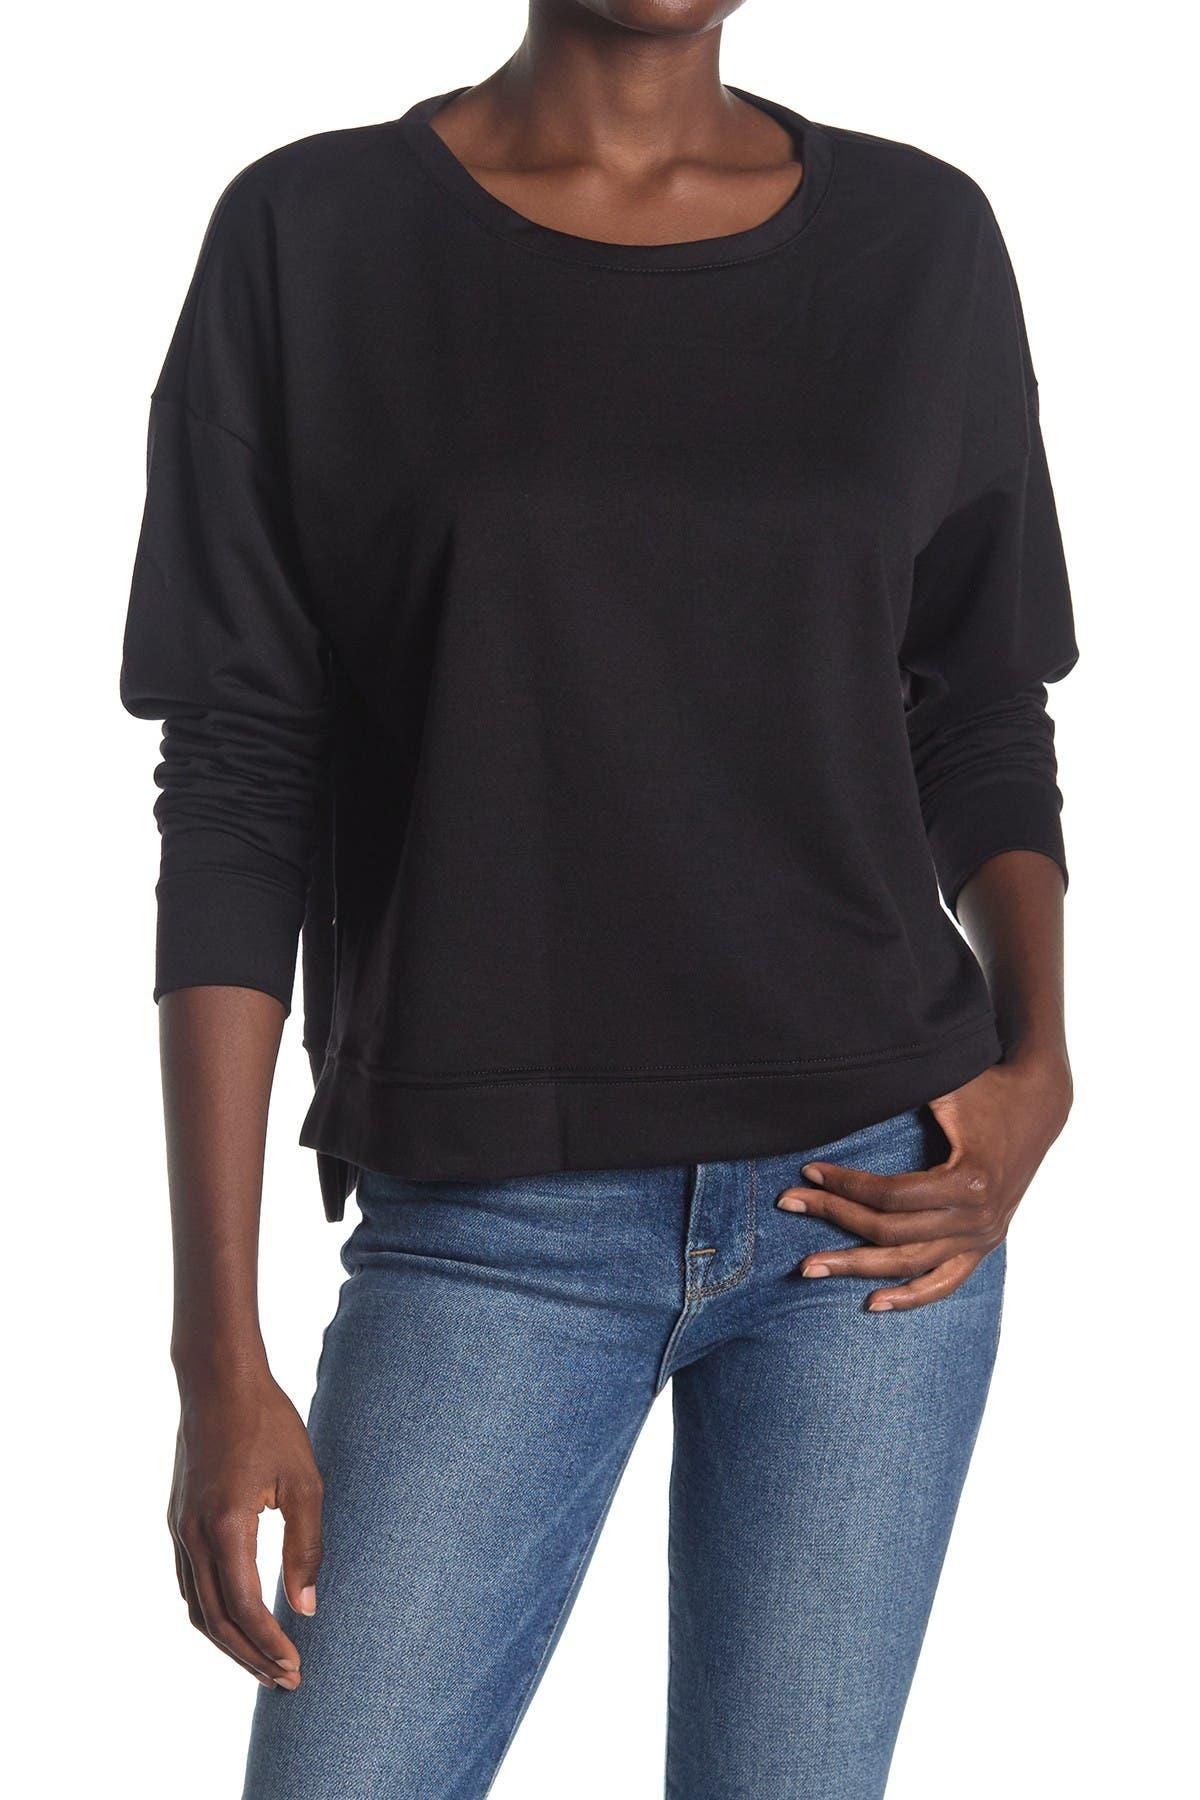 Image of ONZIE High/Low Sweatshirt